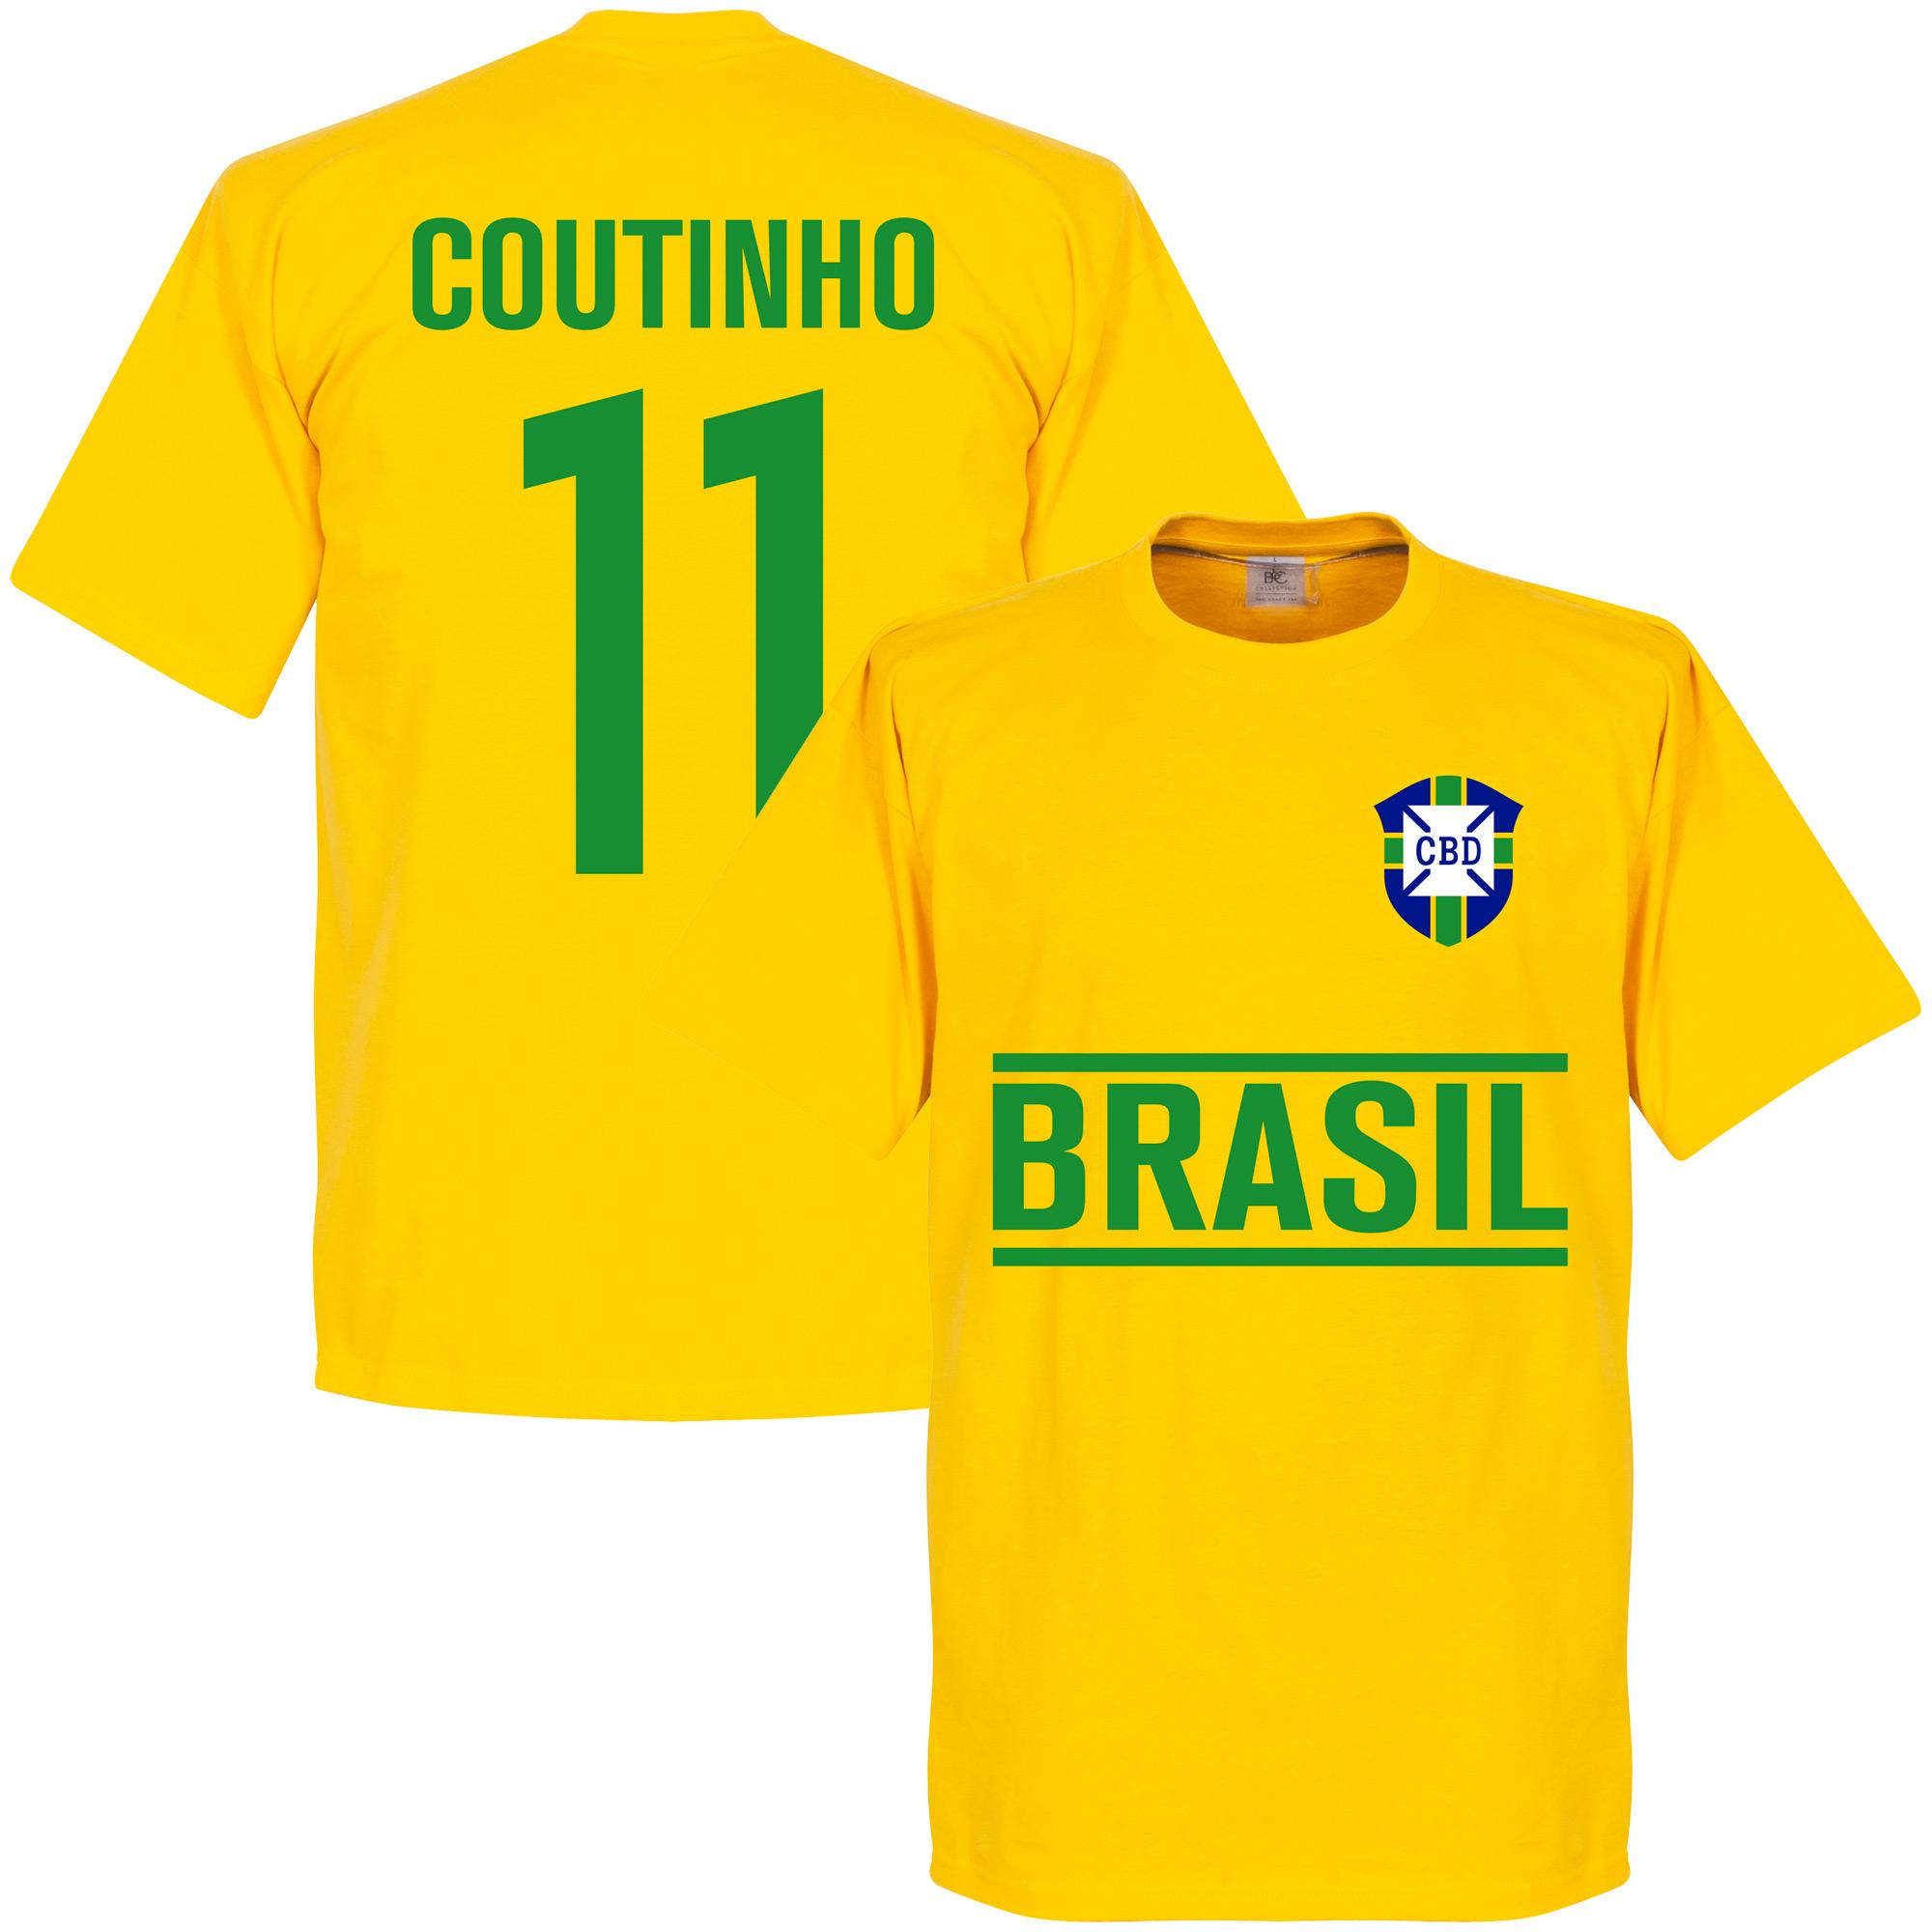 Brasil Coutinho Team Tee - Yellow - XL